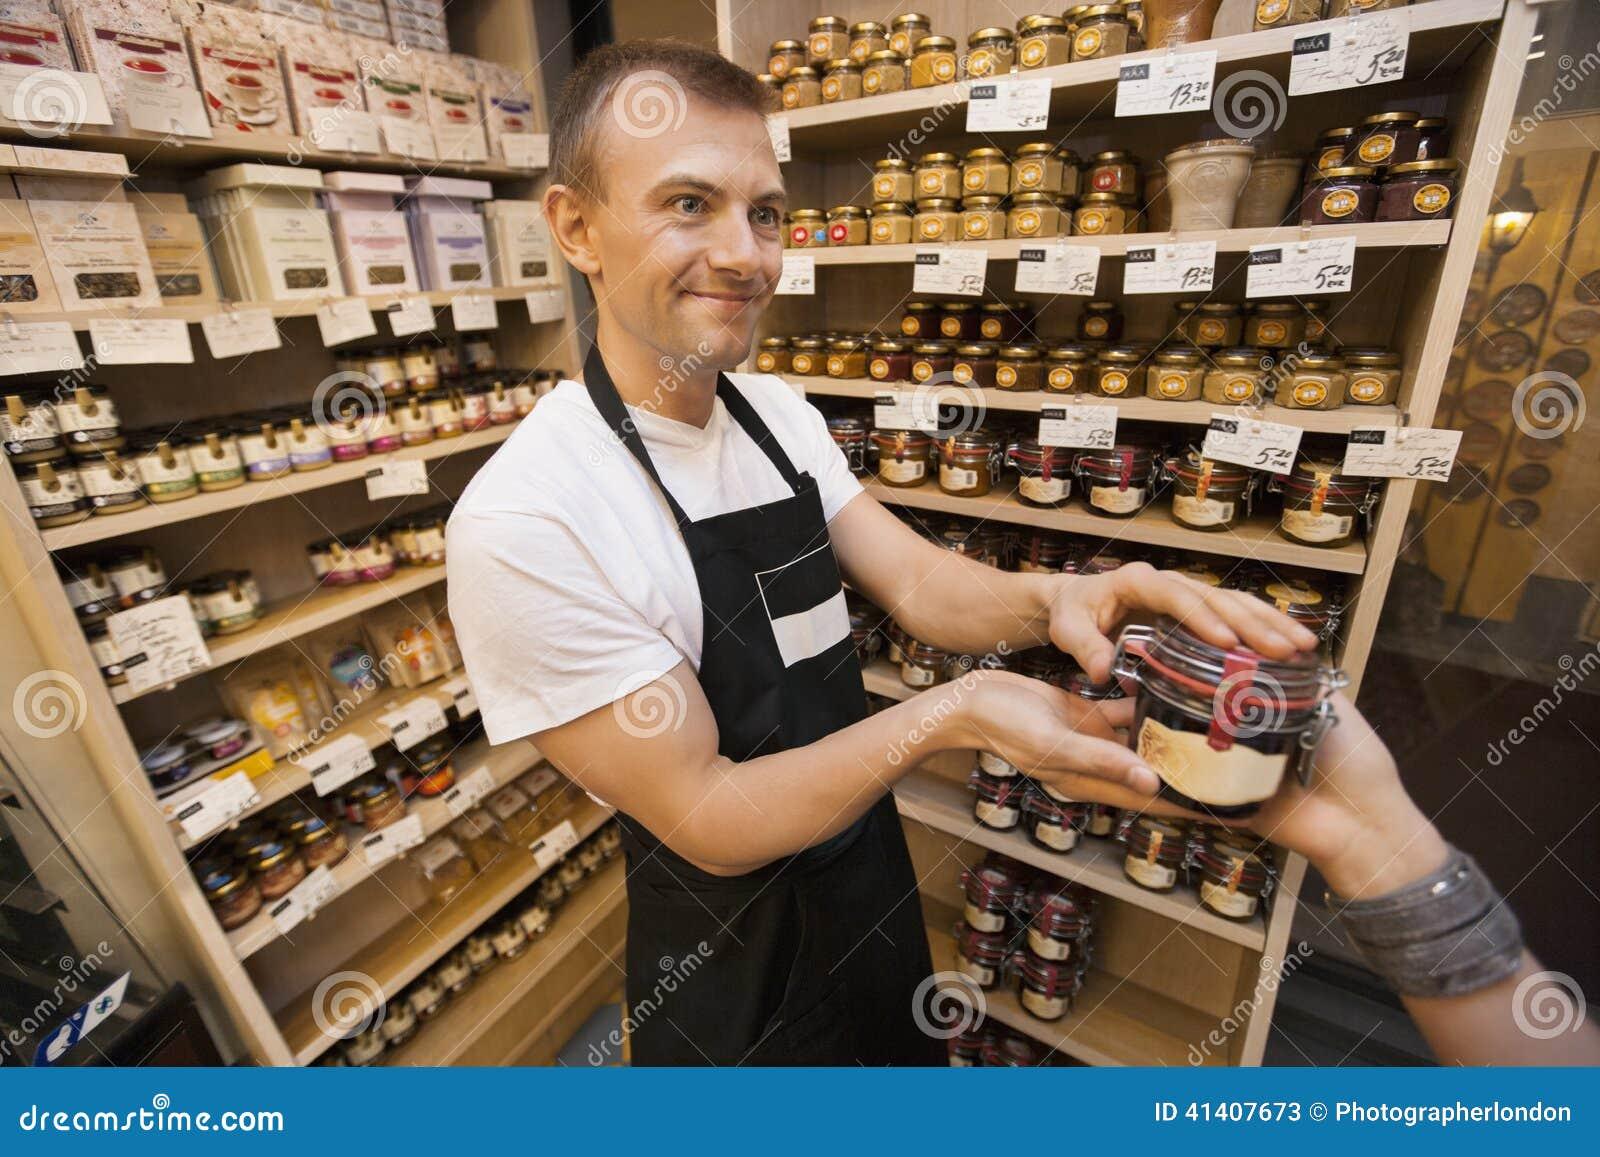 给瓶子果酱的推销员女性顾客在杂货店